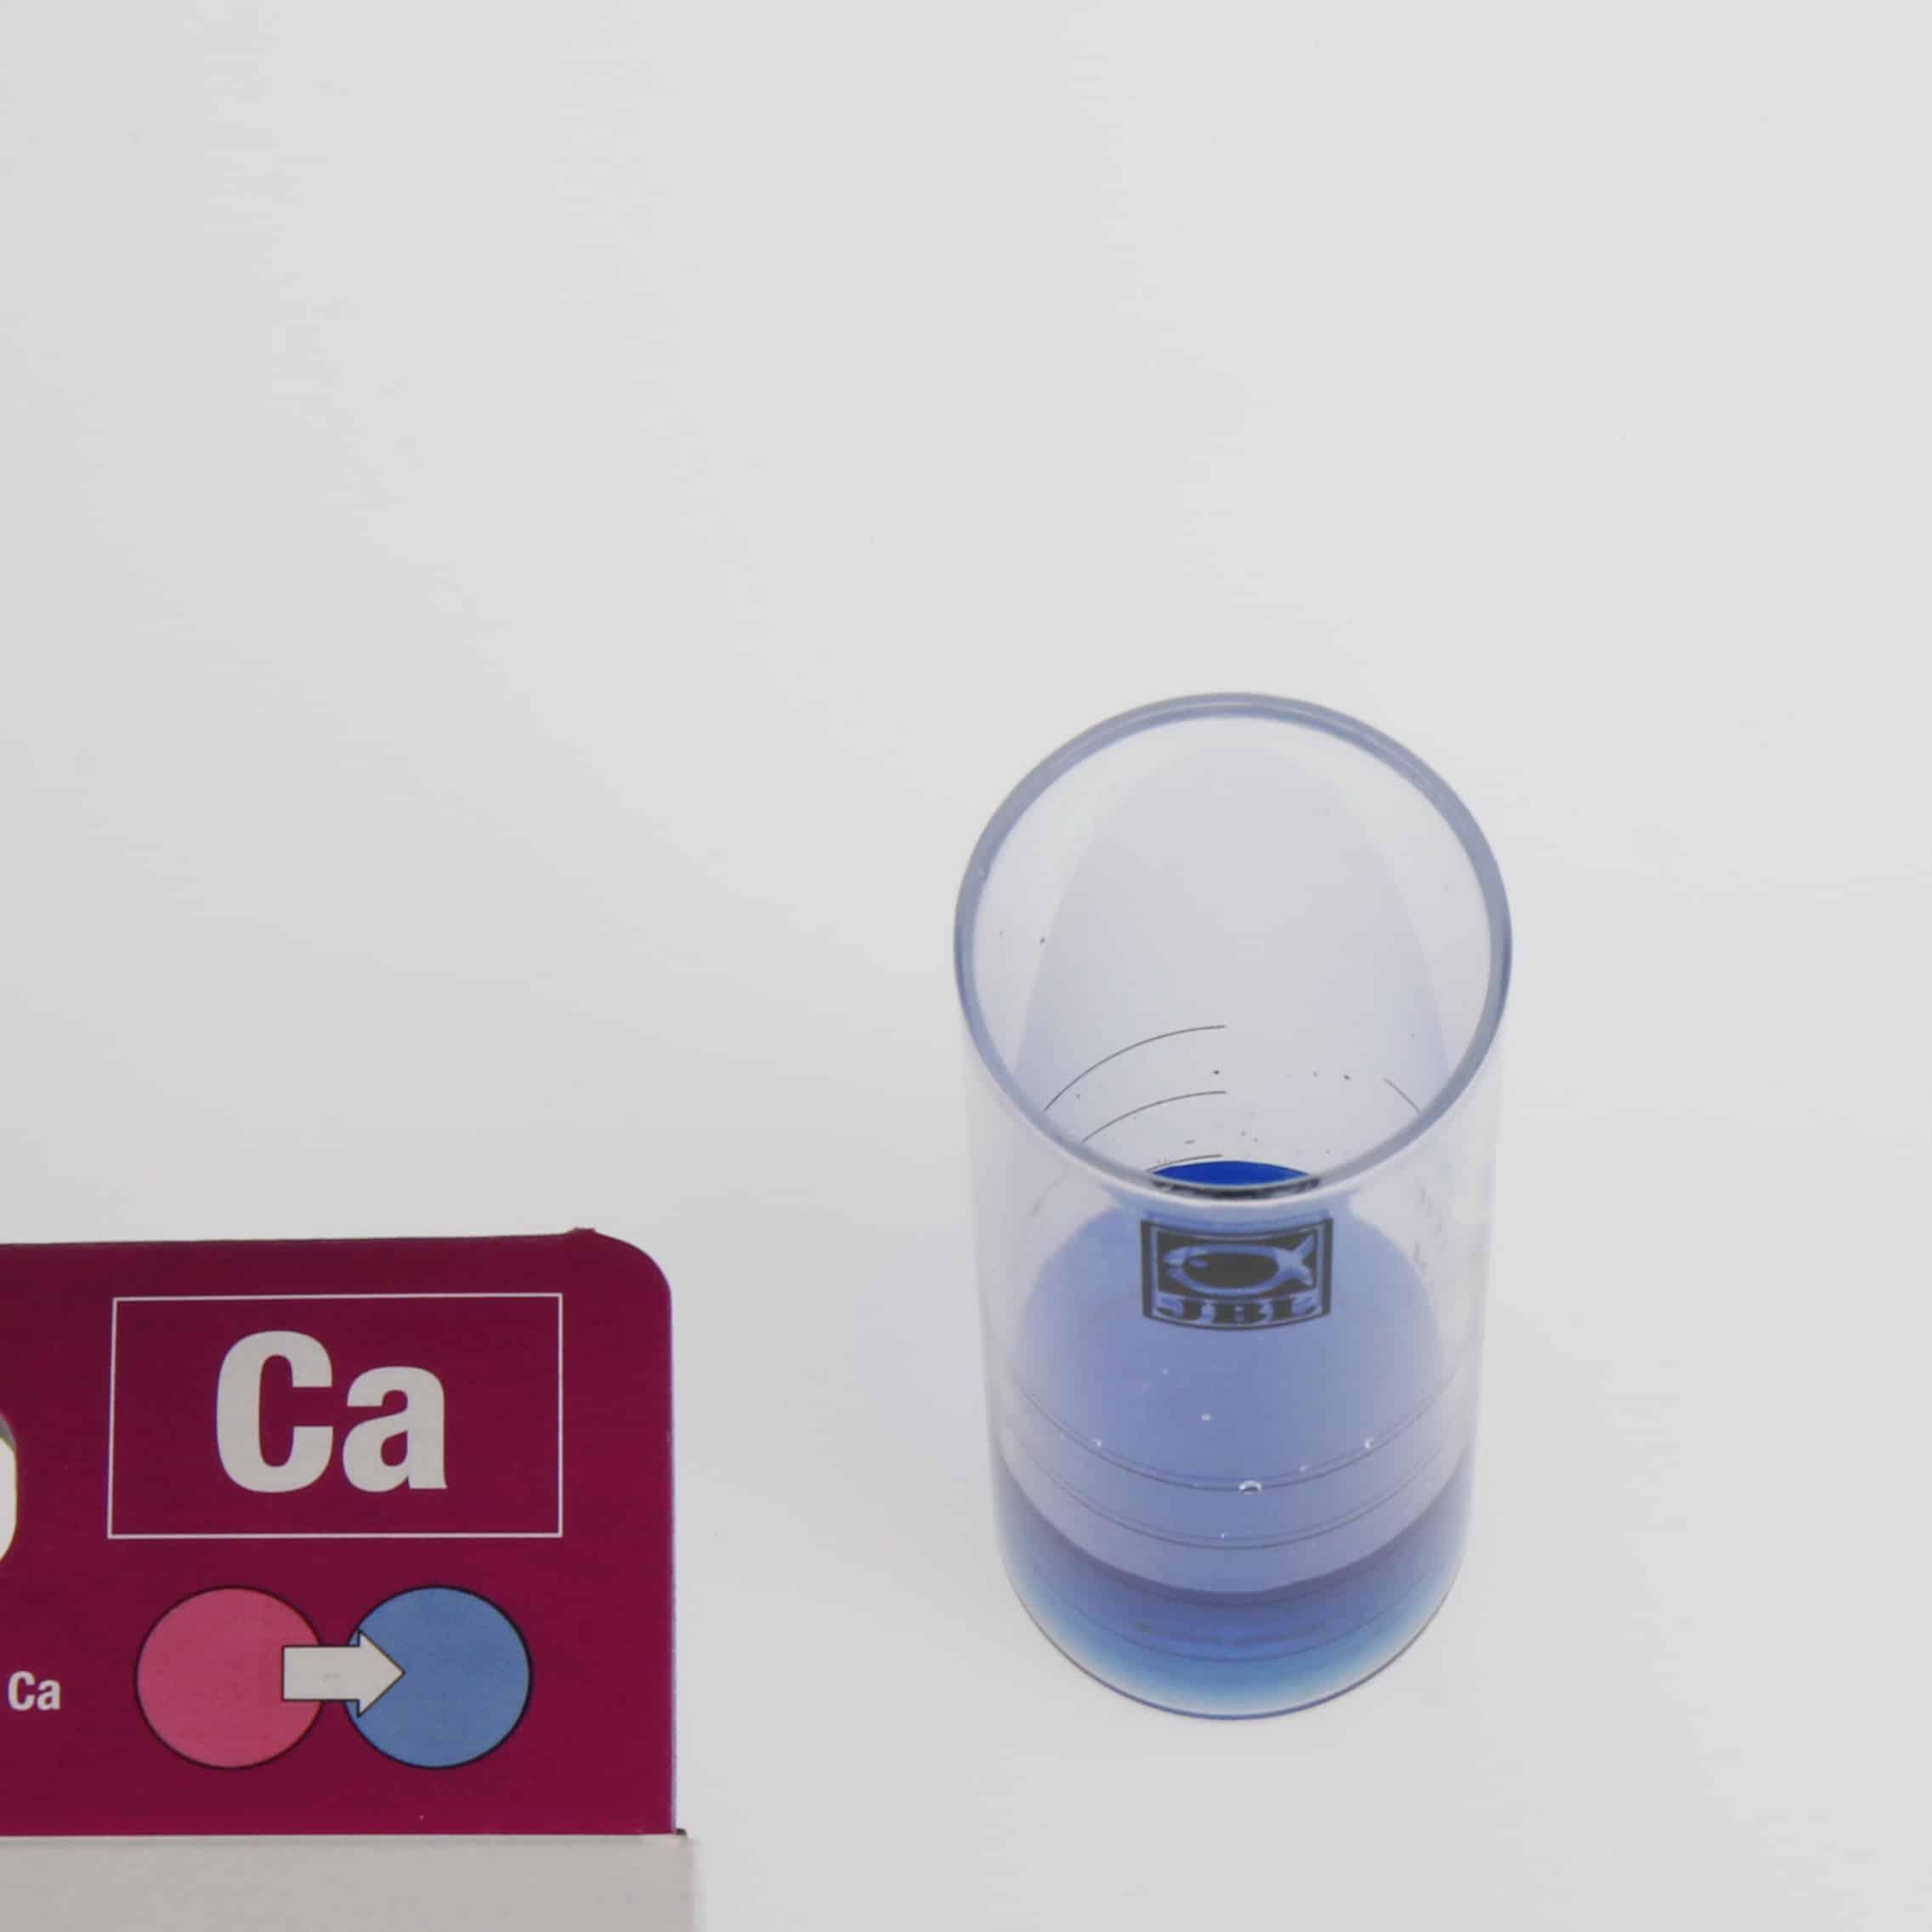 JBL PROAQUATEST Ca Calcium